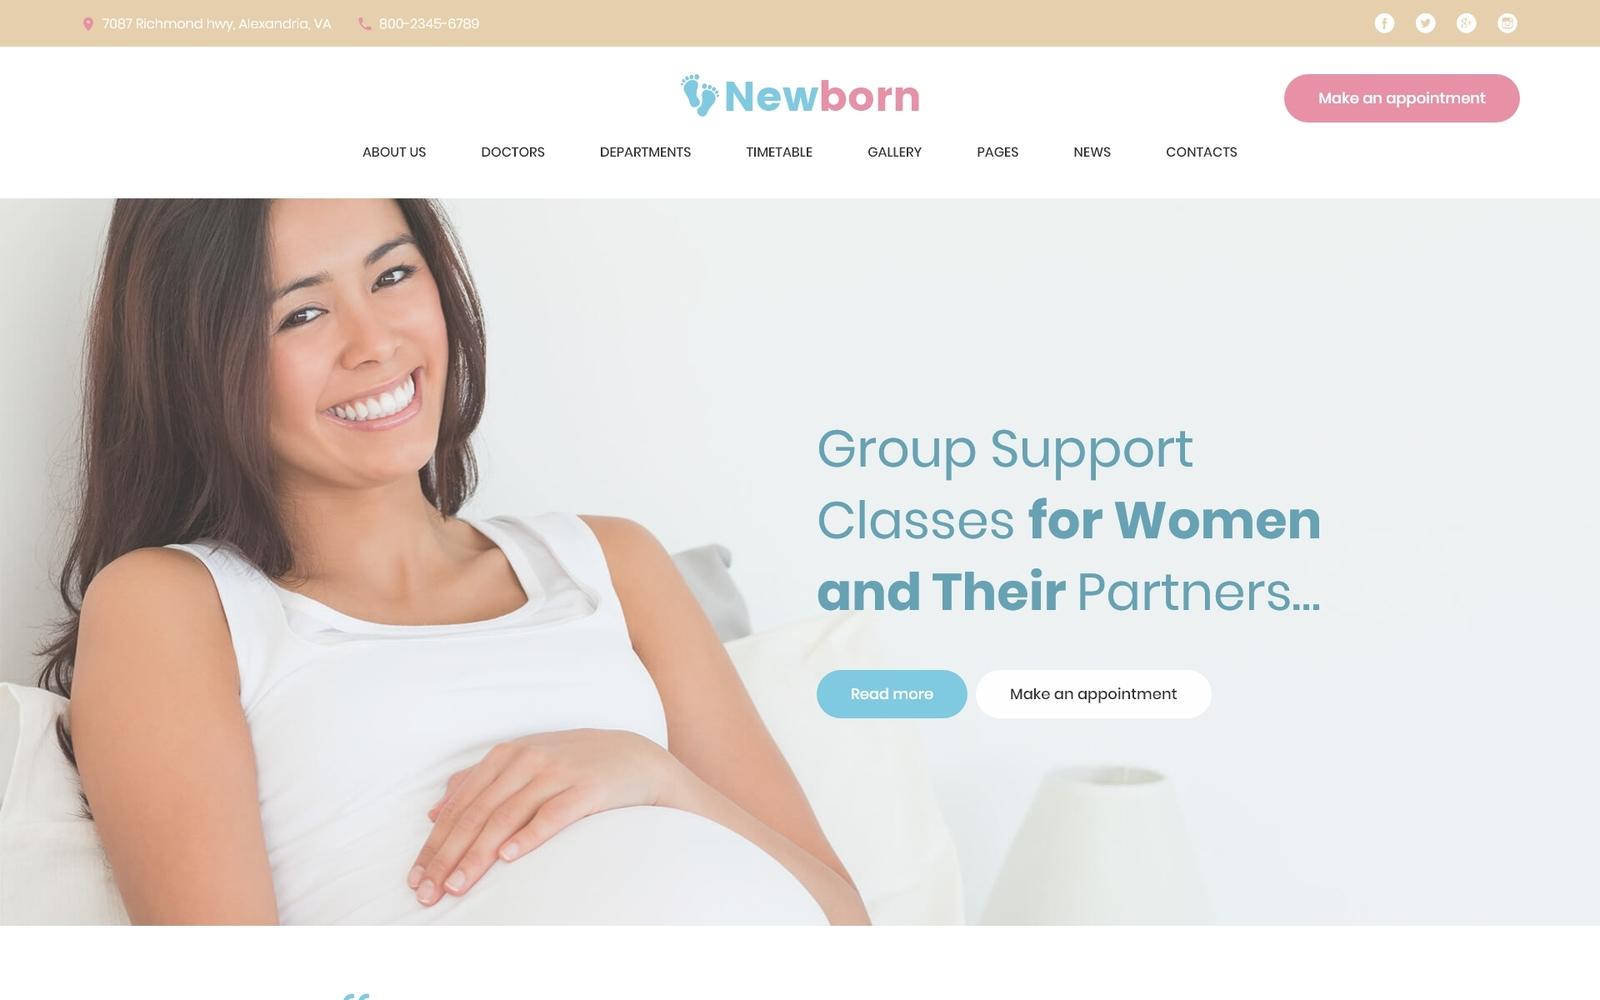 Newborn - Zwangerschap Support Center WordPress Theme